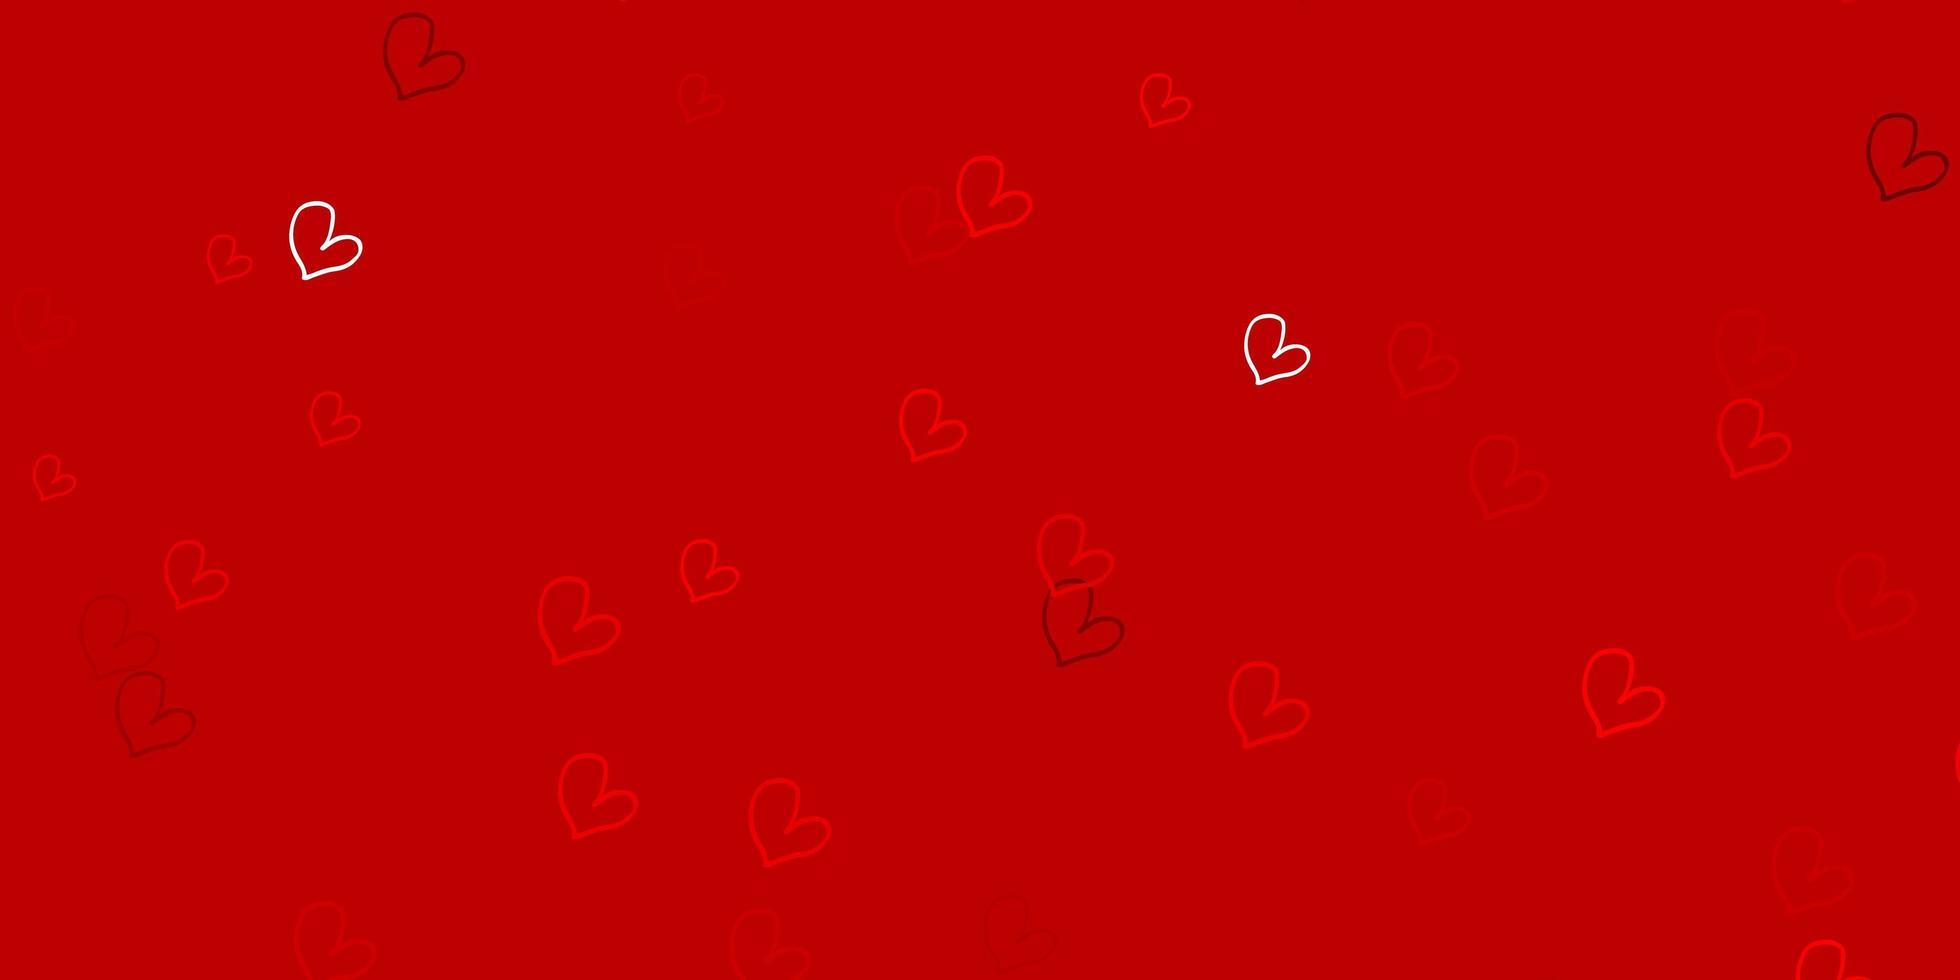 modelo de vetor de luz vermelha com corações de doodle.